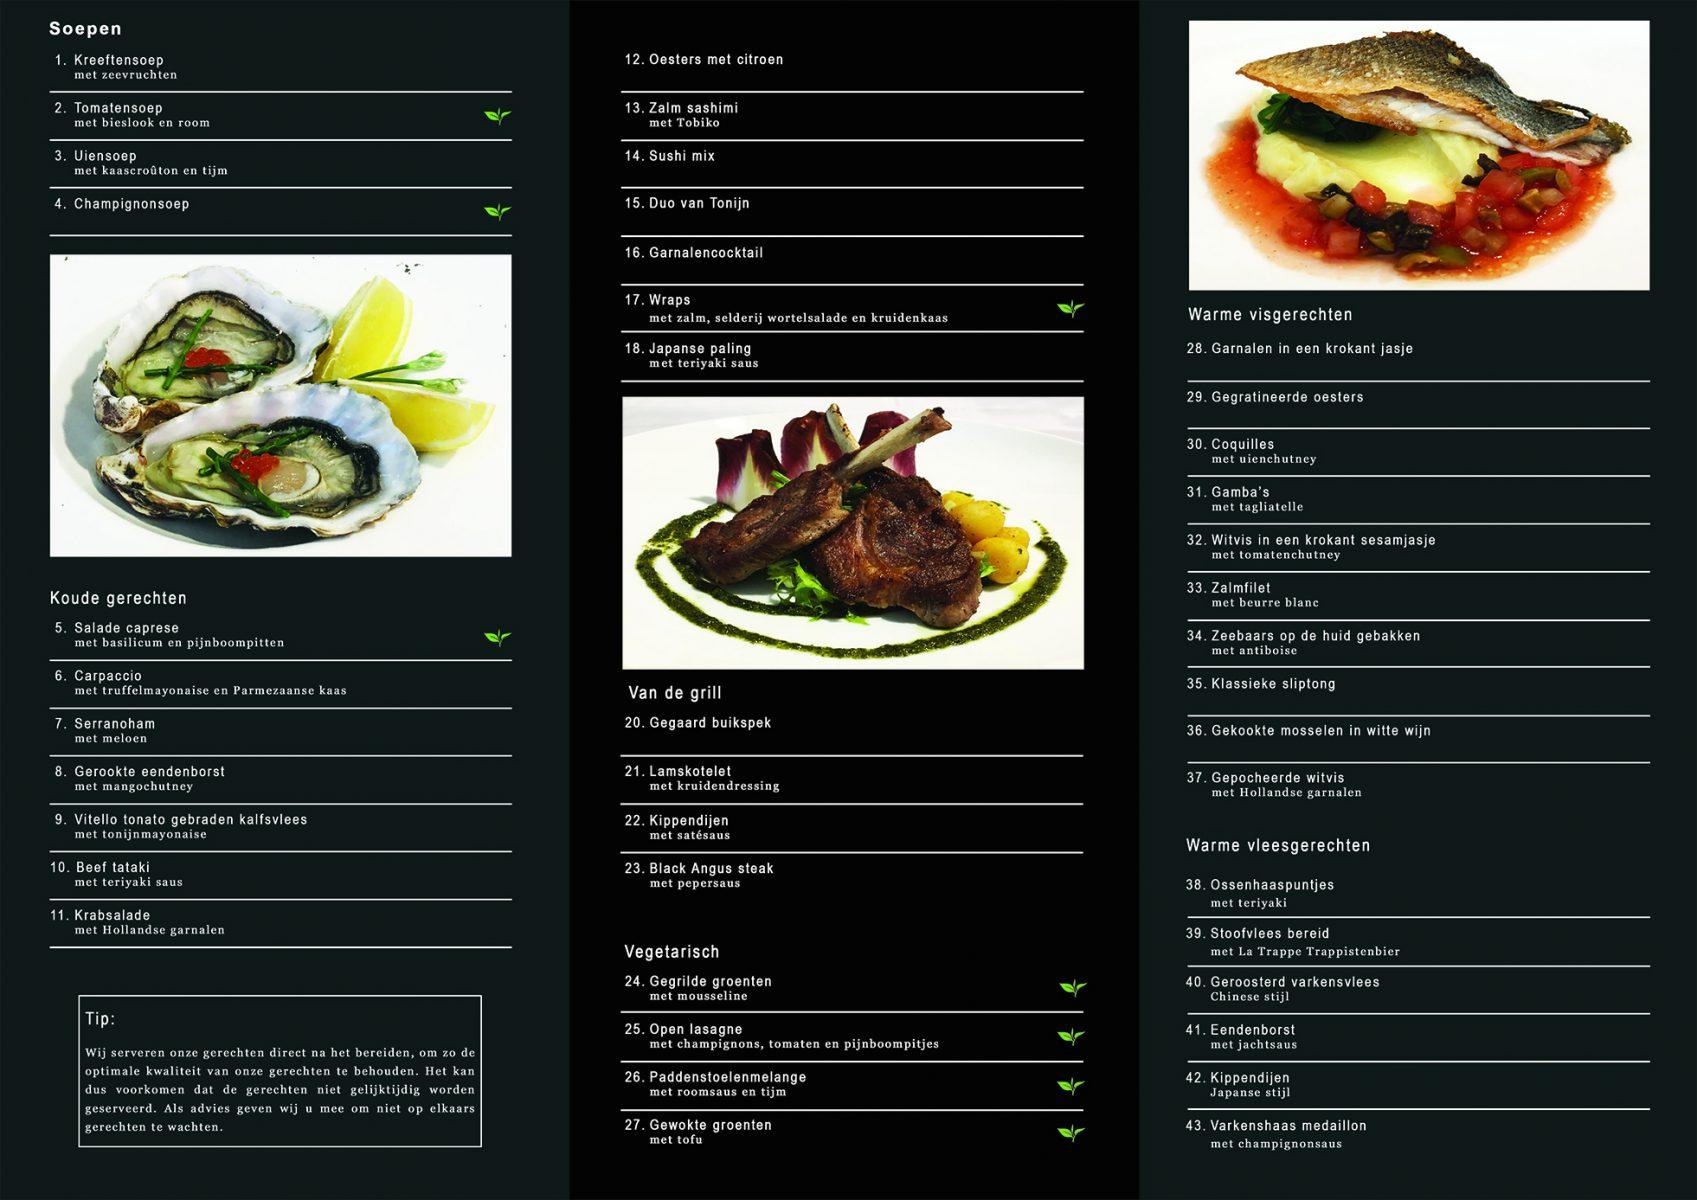 menukaart-pagina-2